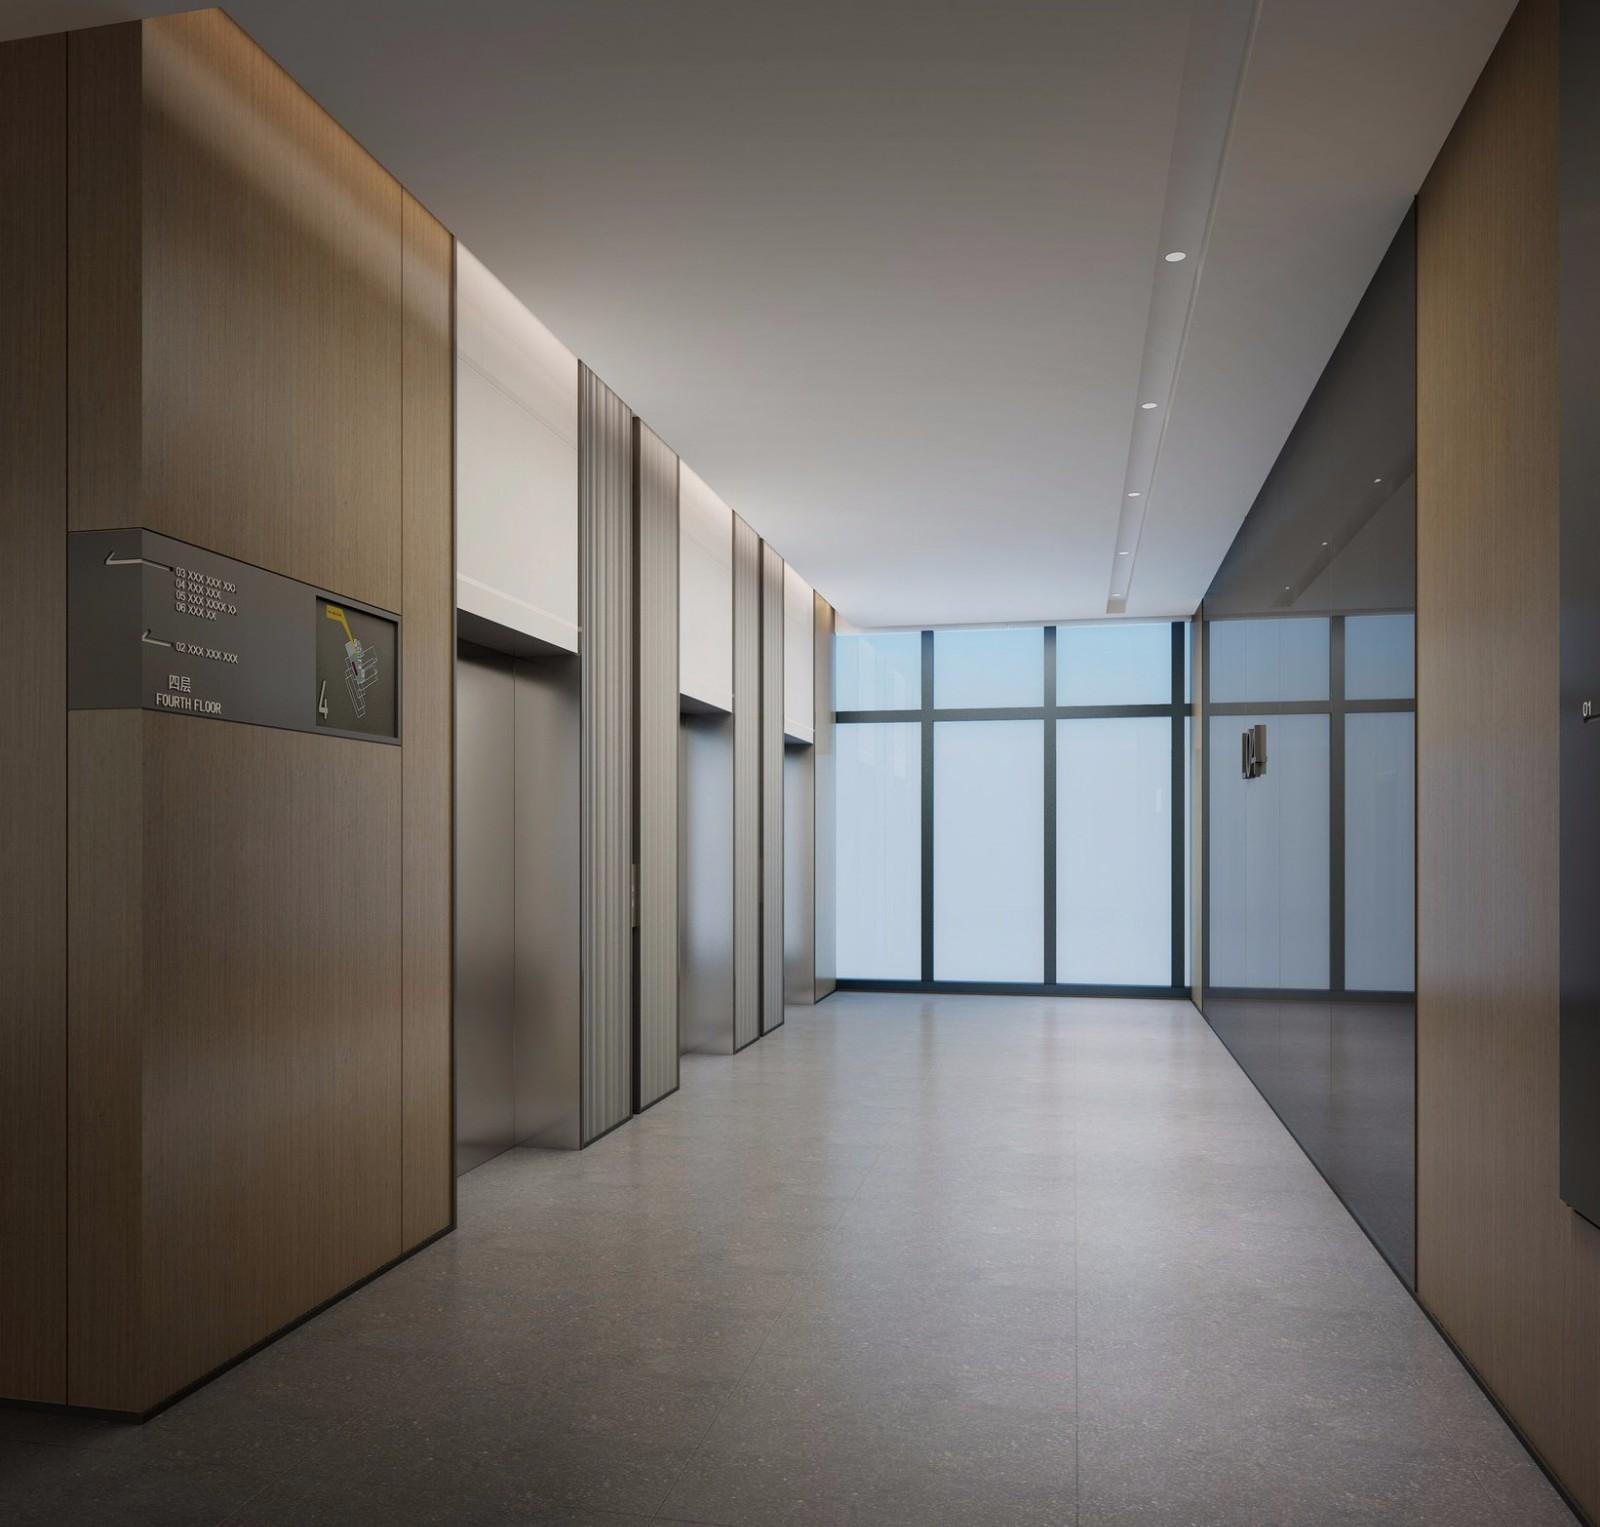 017 标准层电梯厅效果图 typical lift lobby rendering.jpg